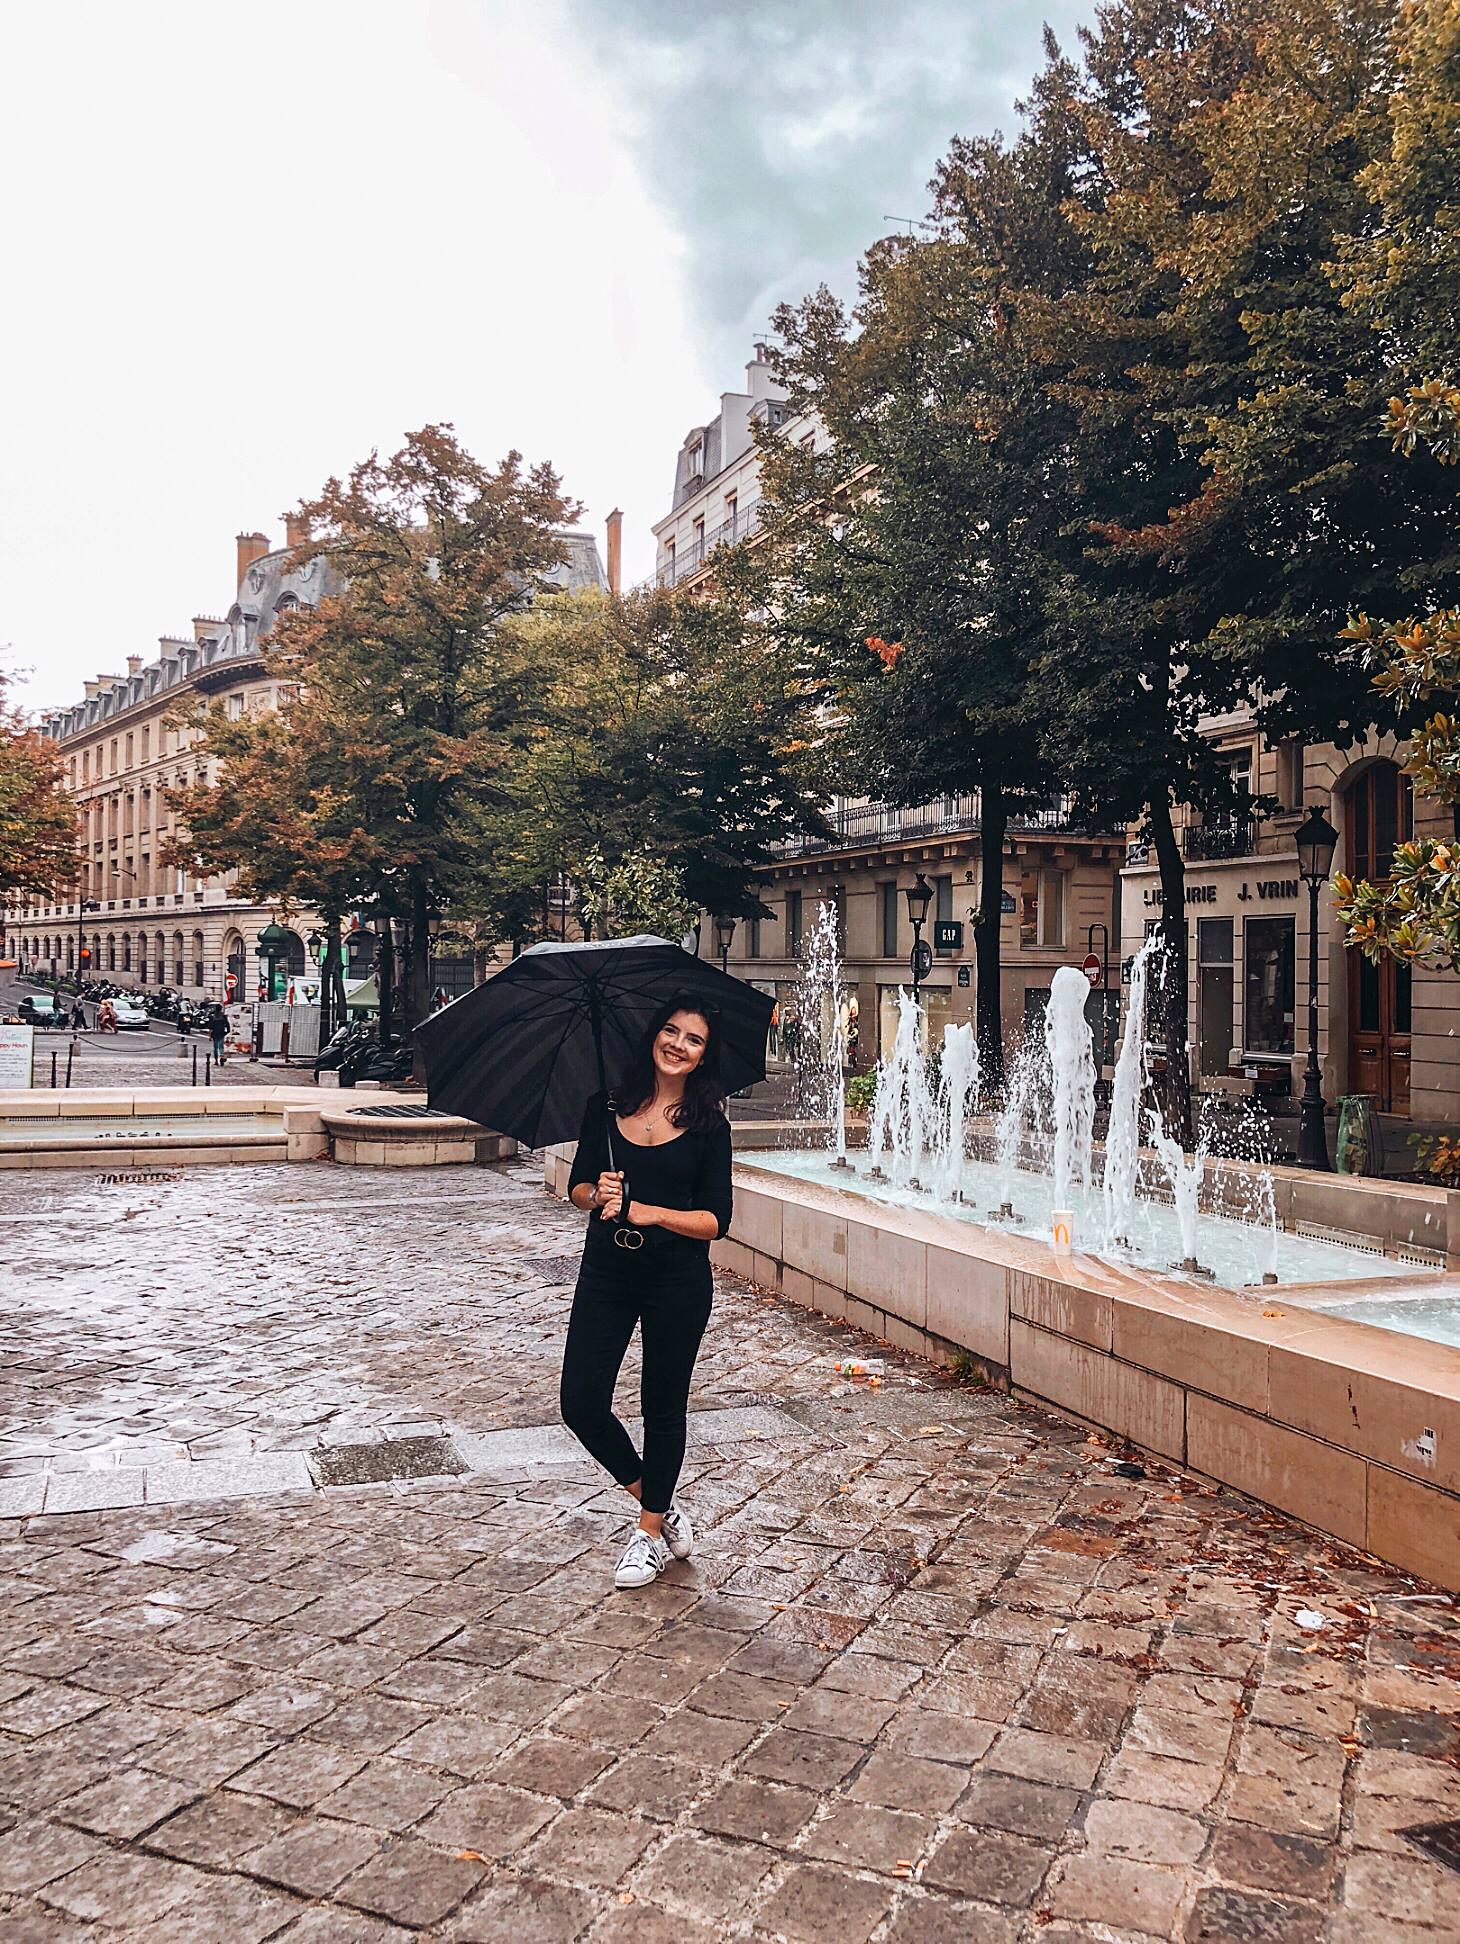 10 hours in Paris